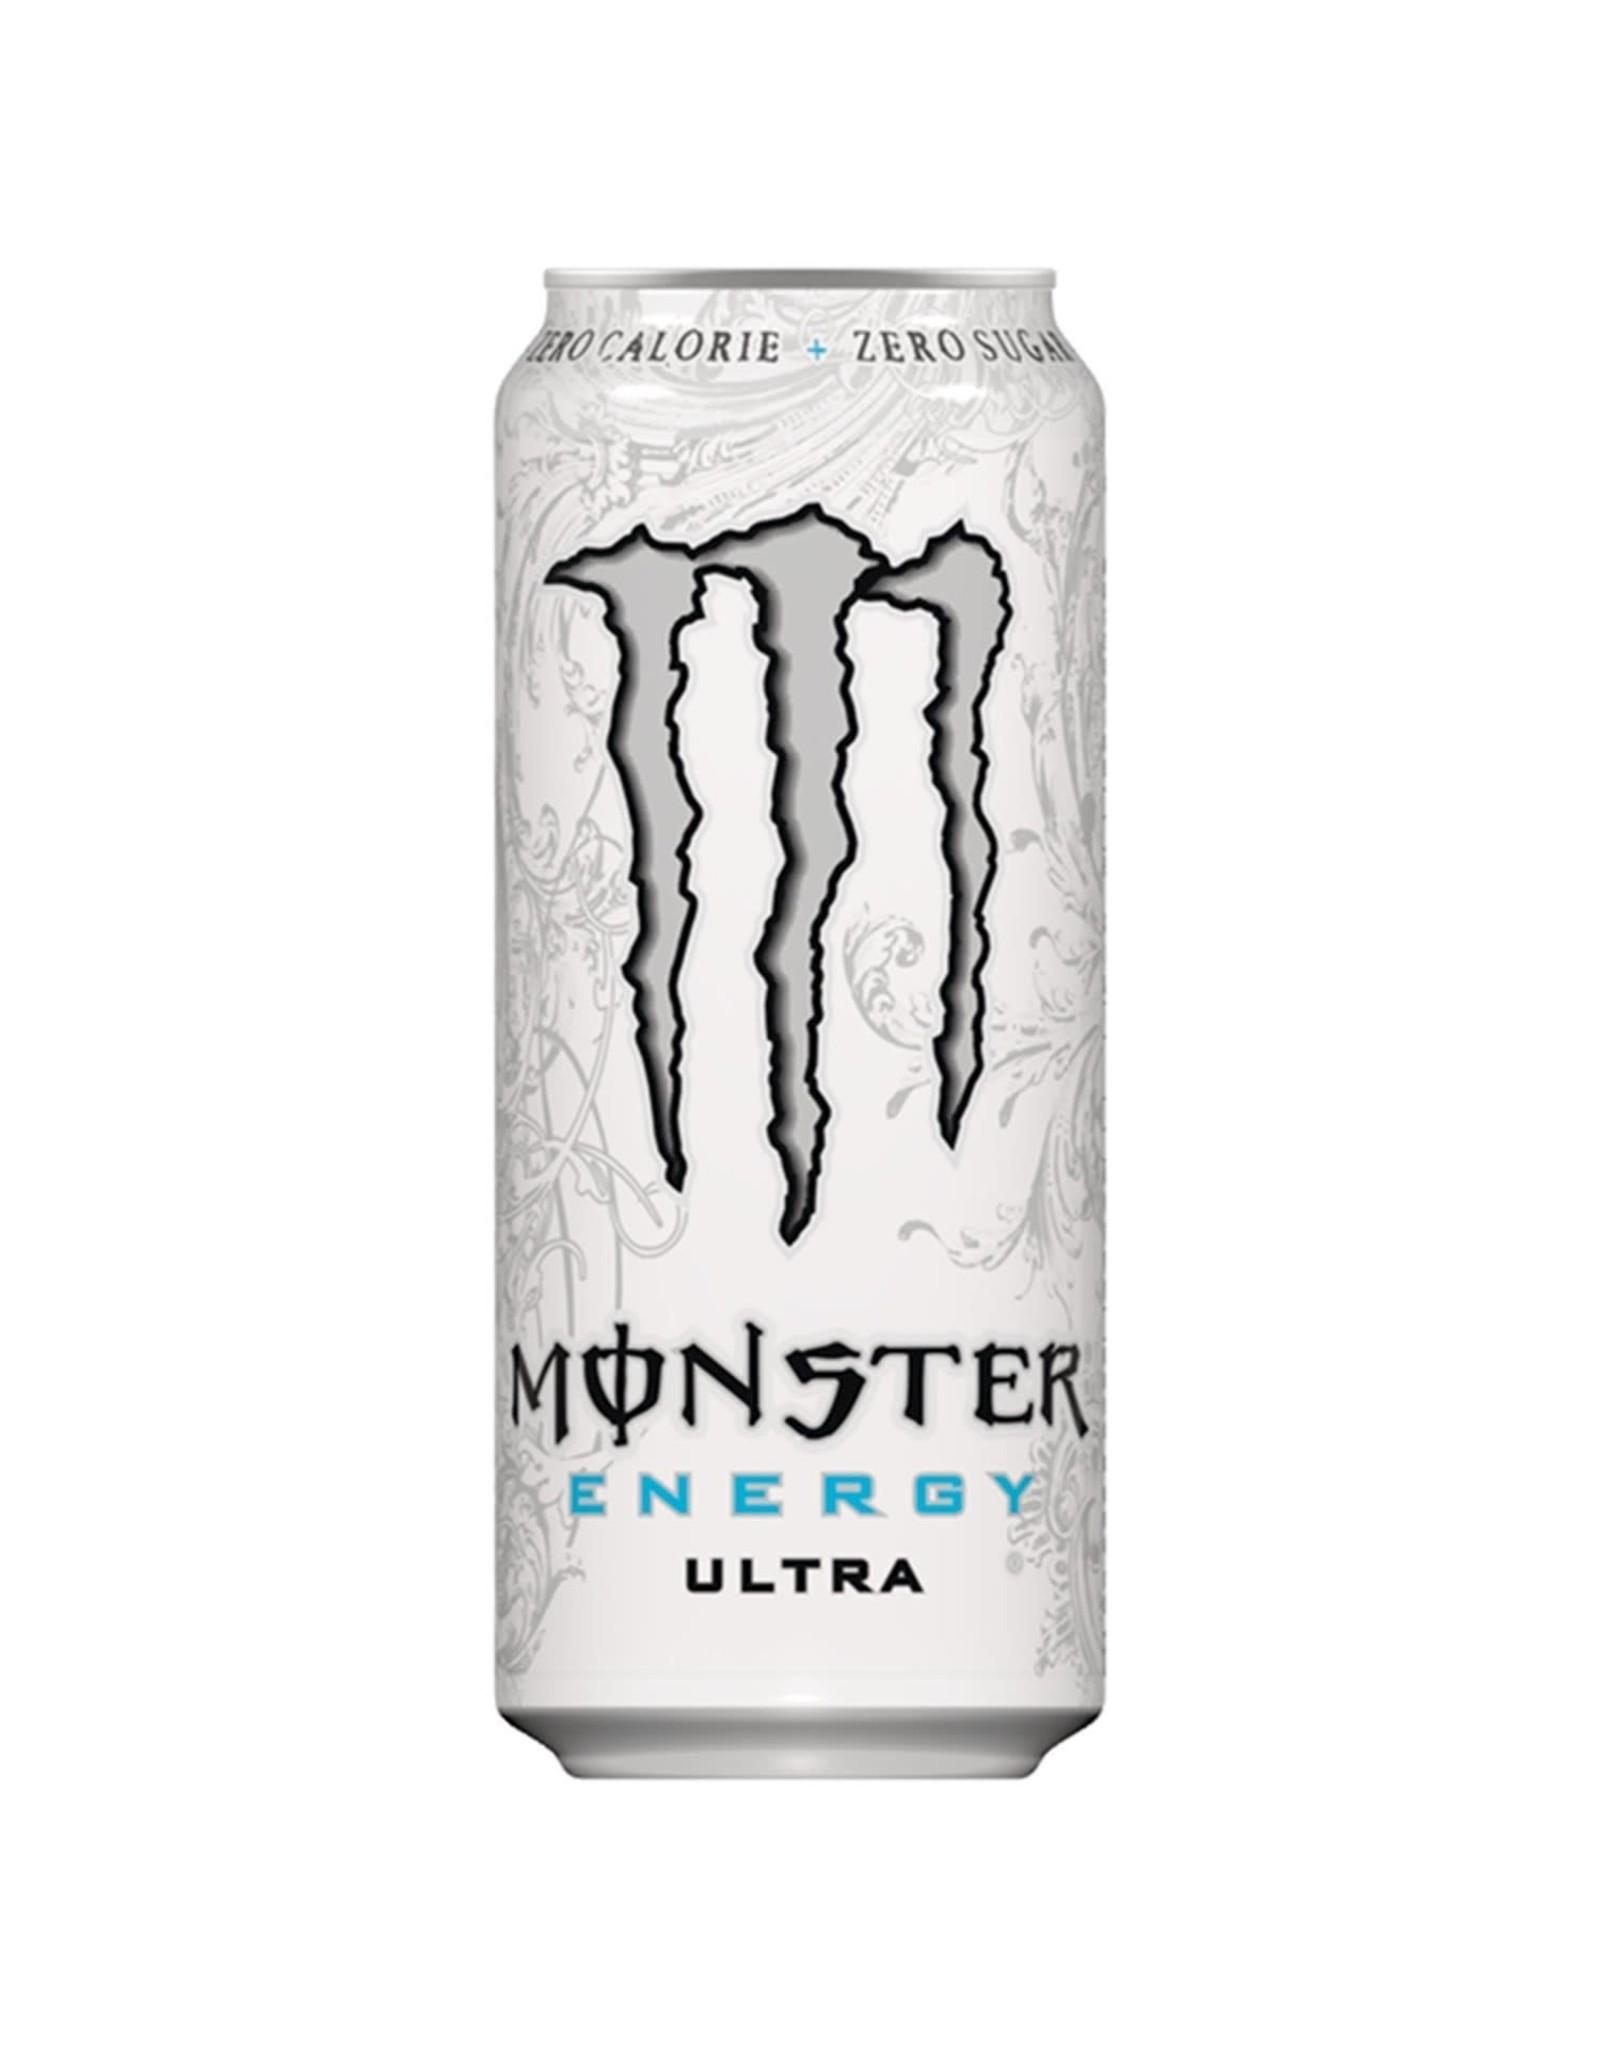 Monster Energy Company MONSTER ENERGY Ultra White 50cl